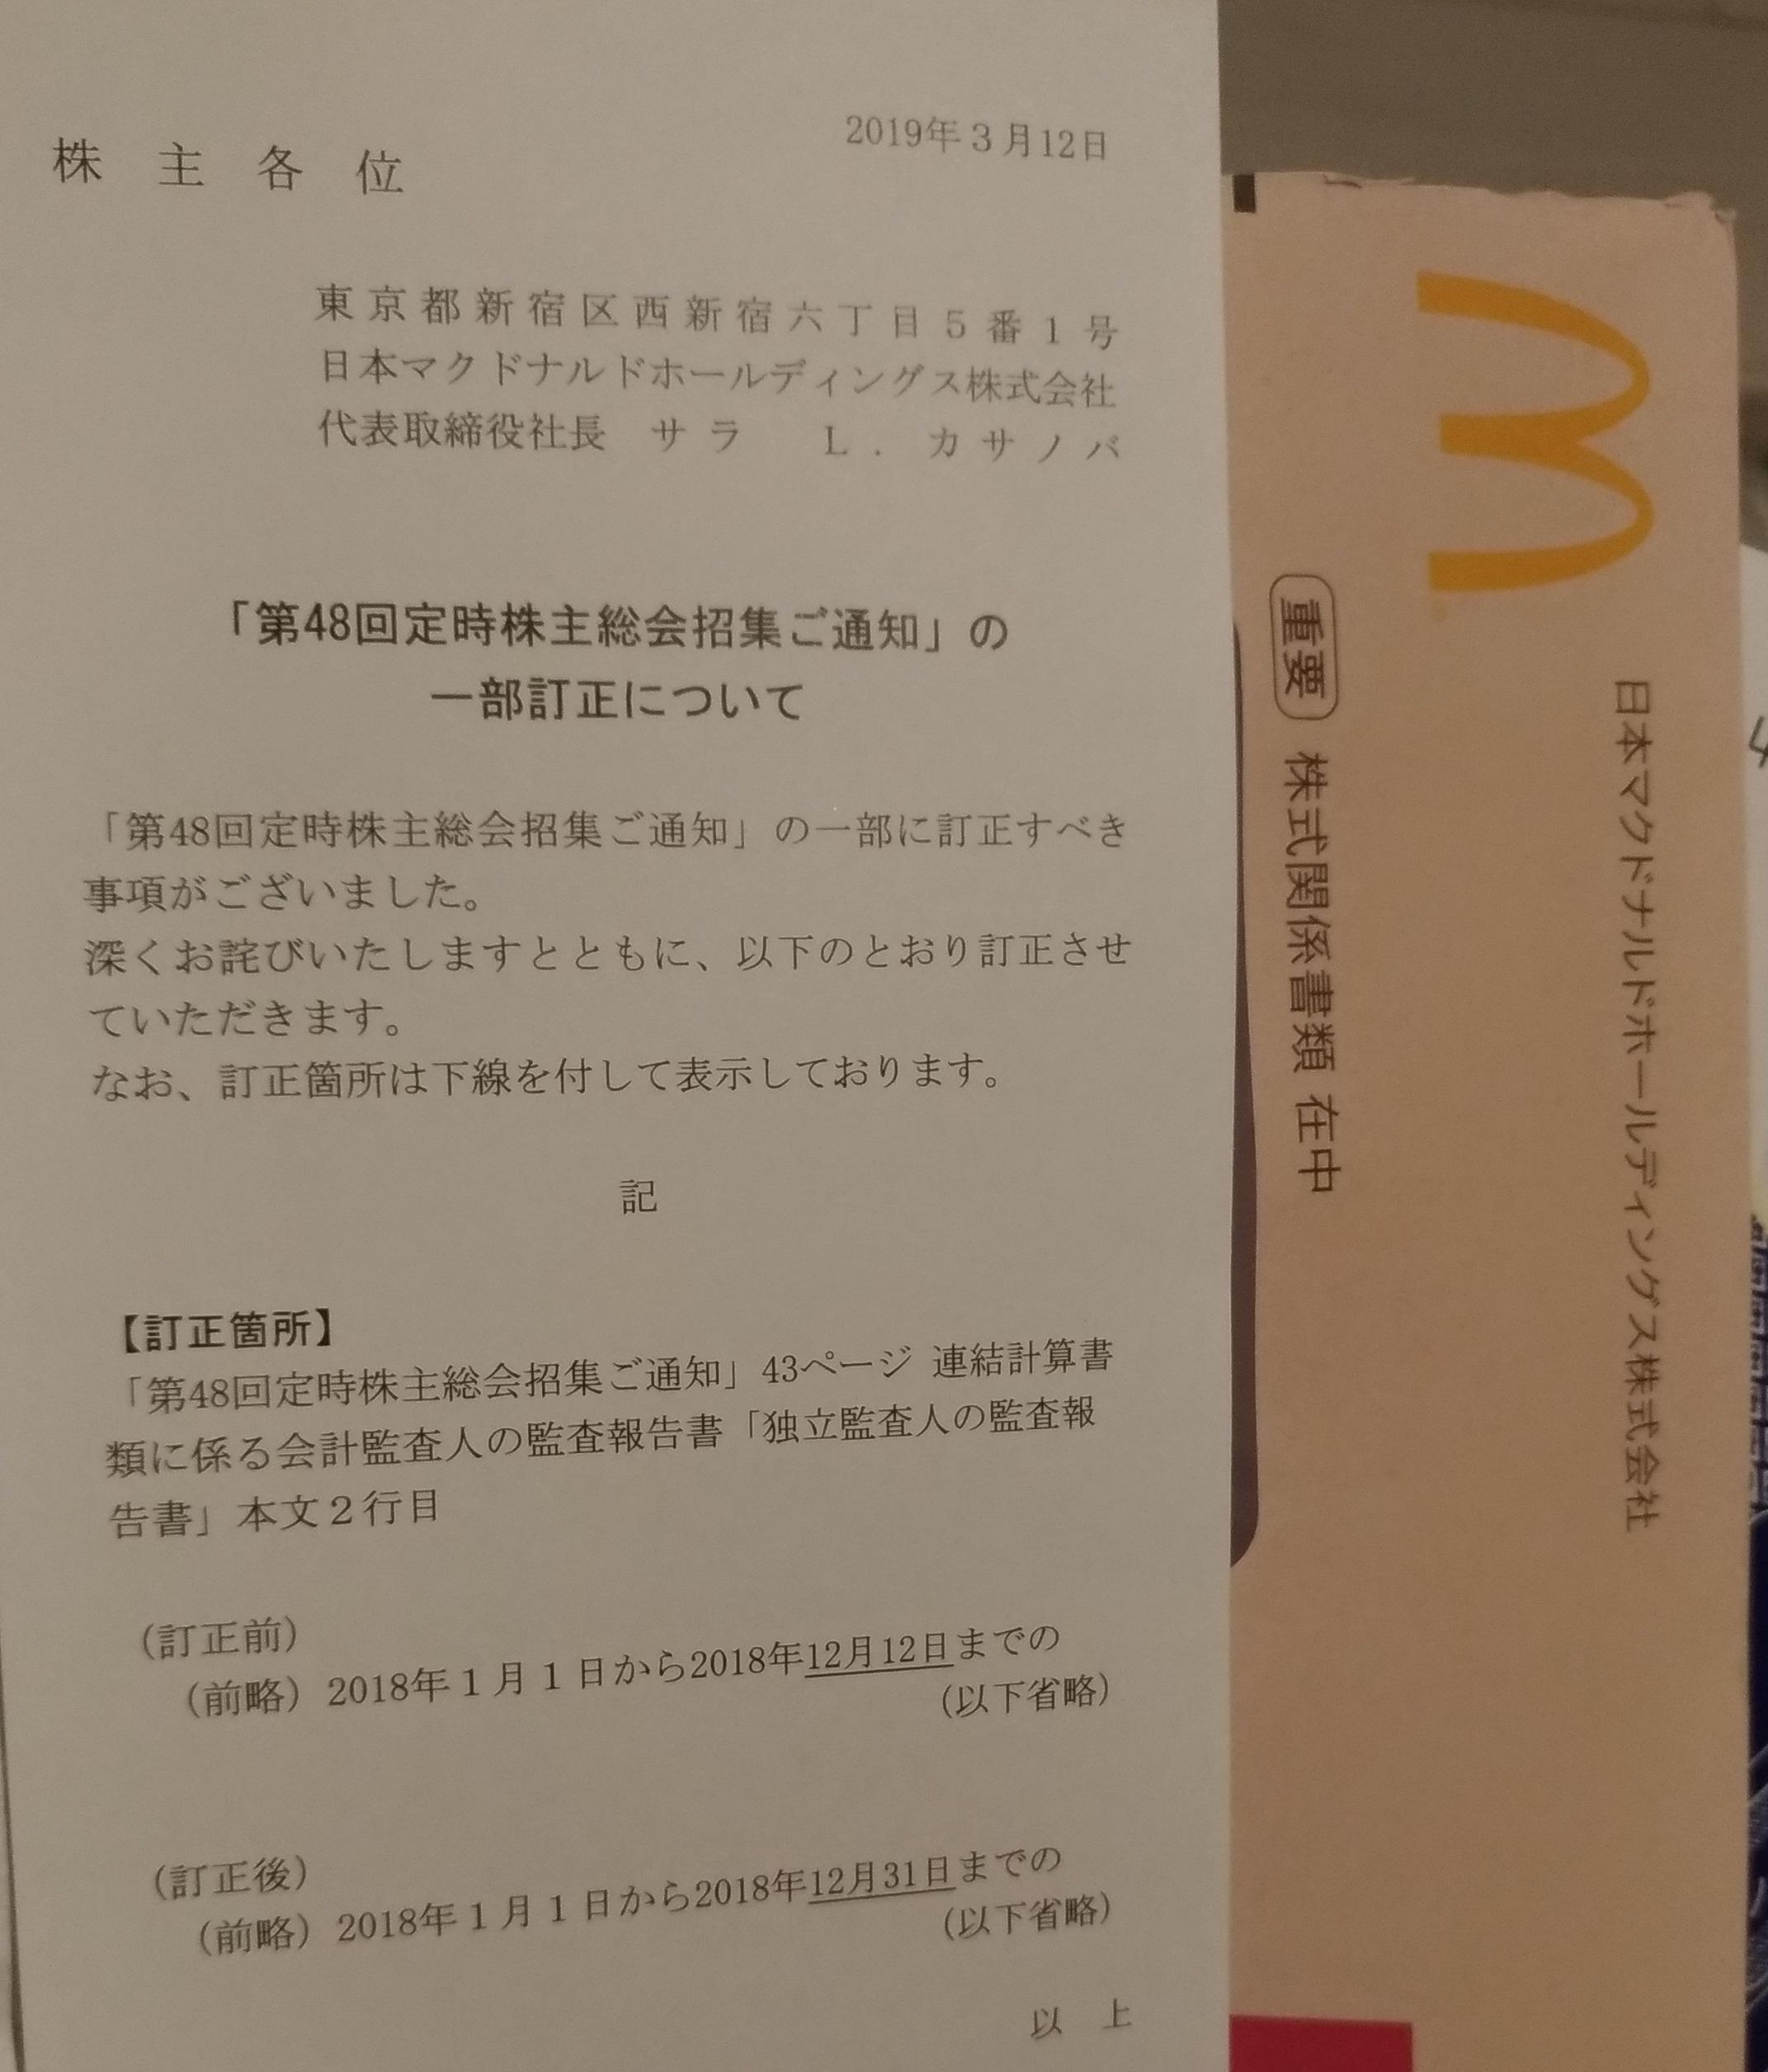 macdonalds_haito_yutai_2019_2.jpg